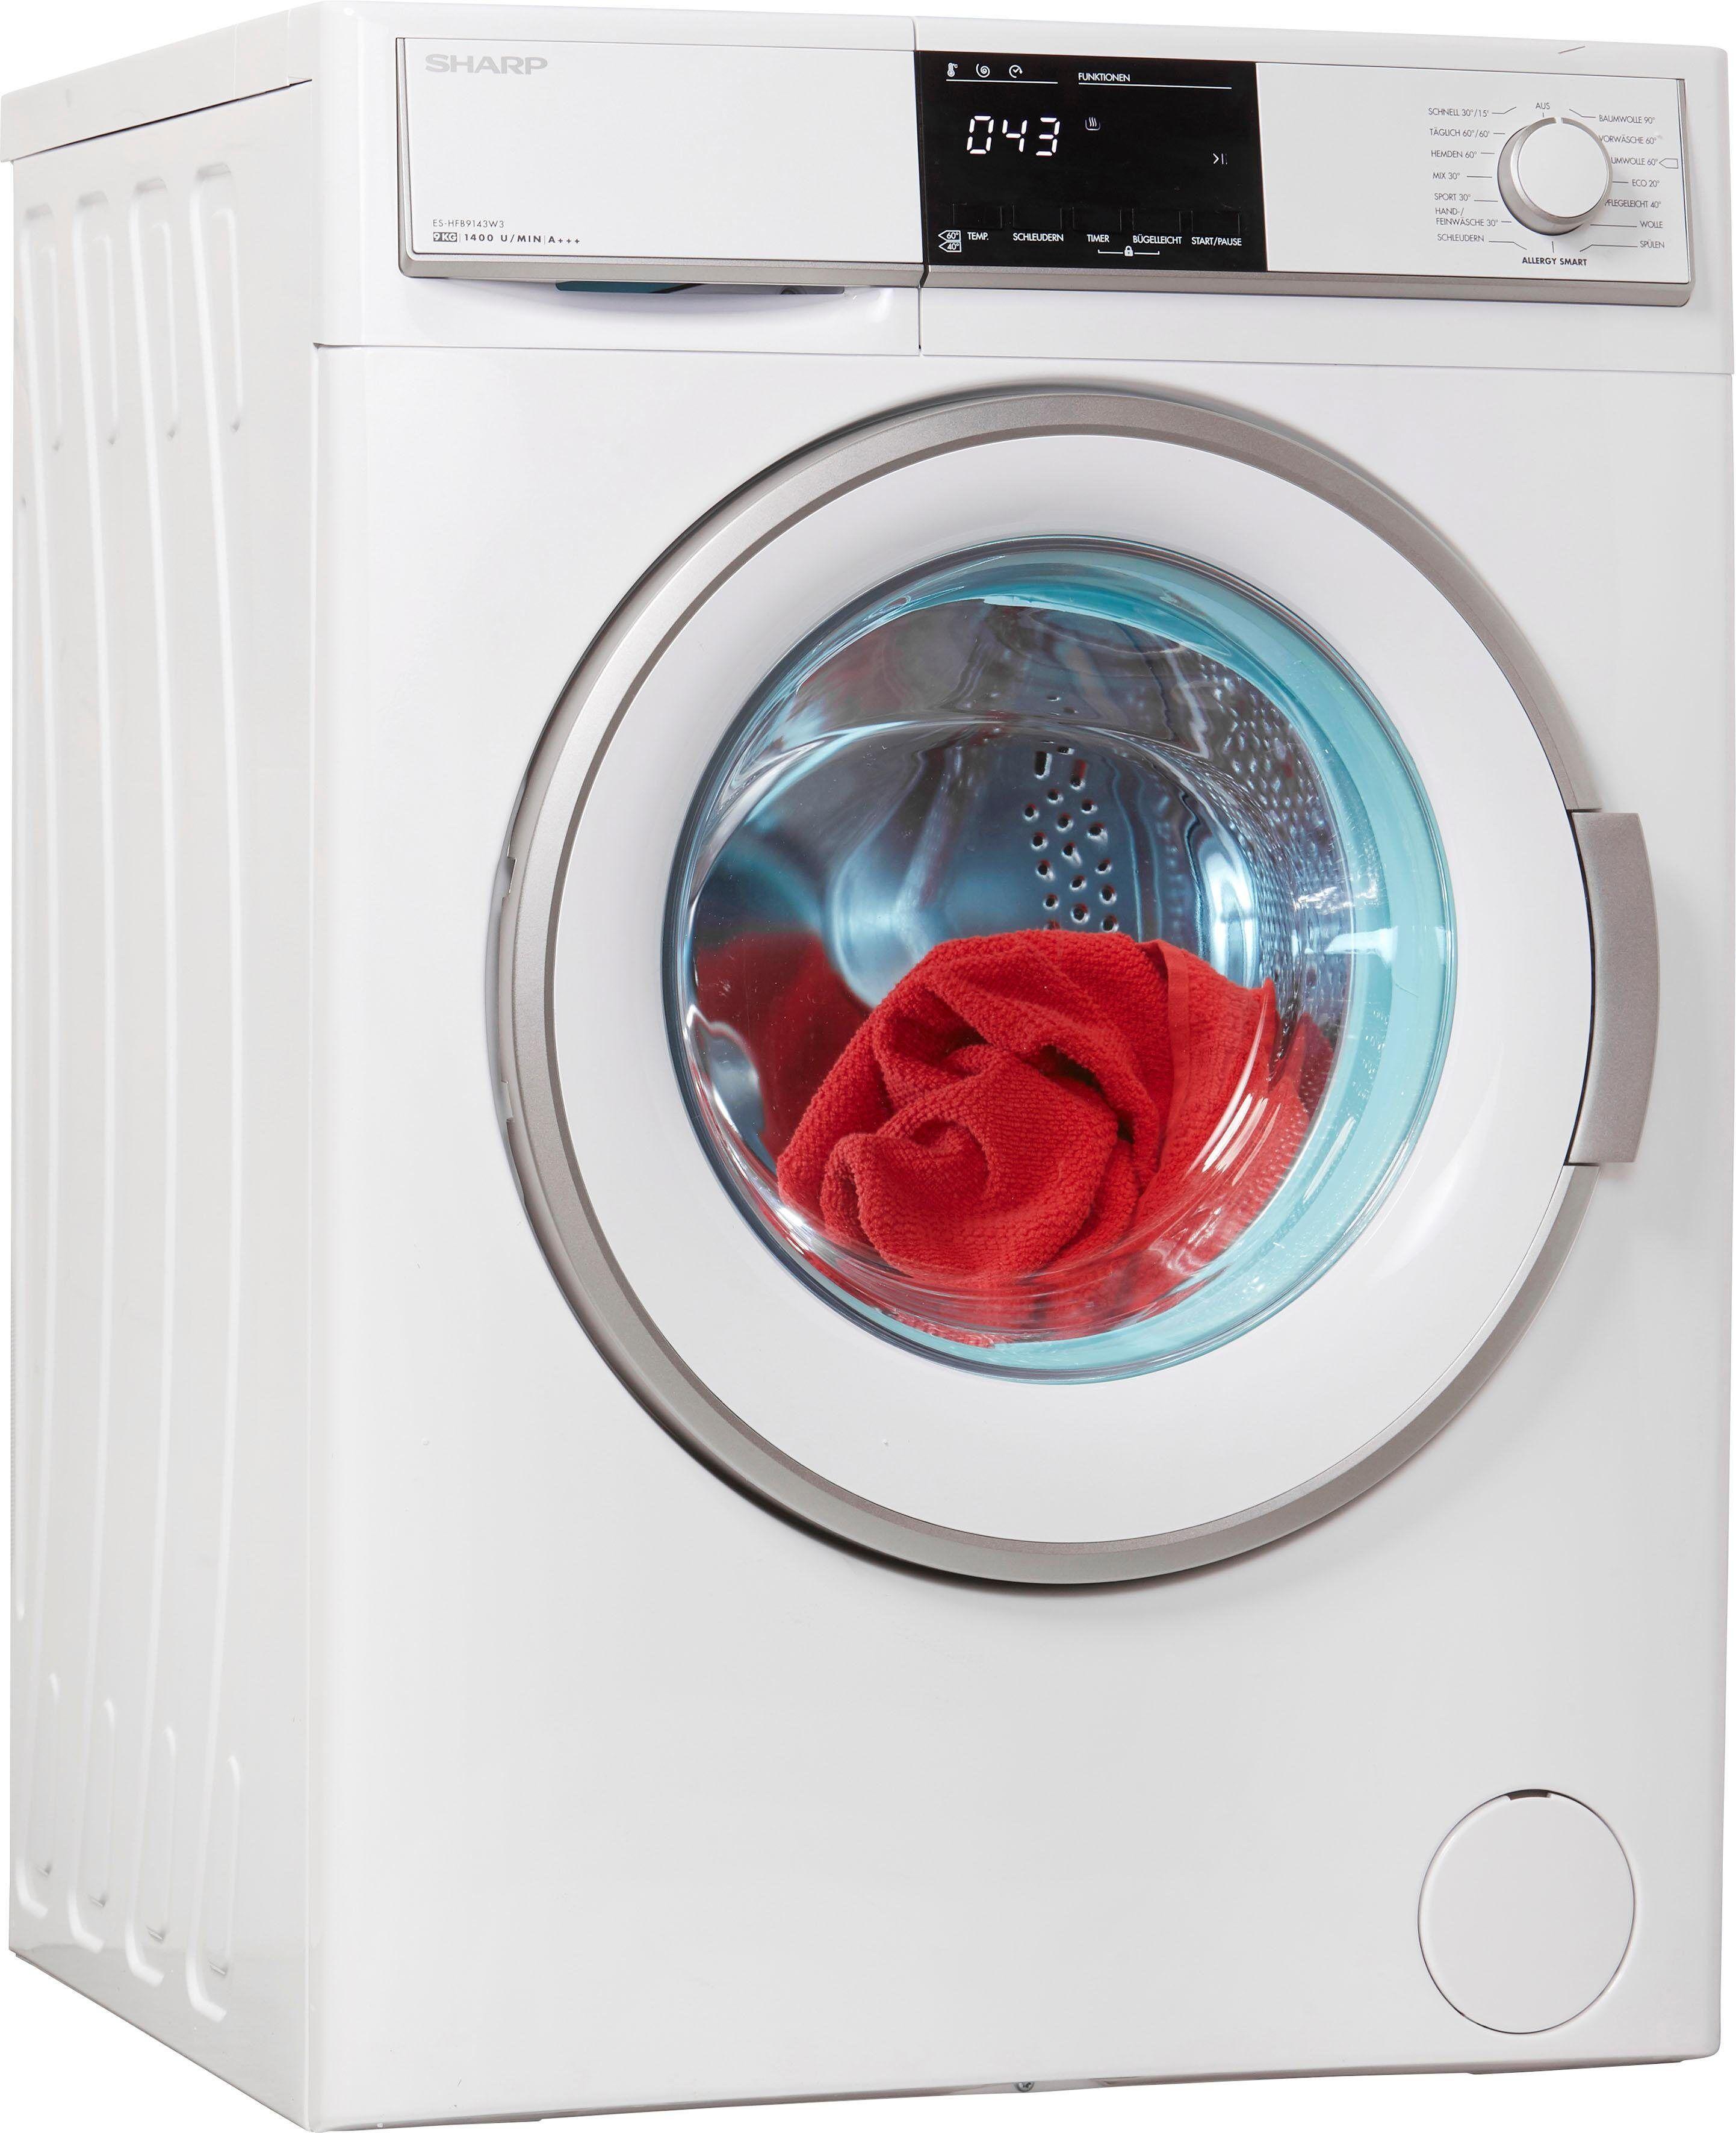 Sharp Waschmaschine ES-HFB9143W3-DE, 9 kg, 1400 U/Min, Energieeffizienzklasse A+++